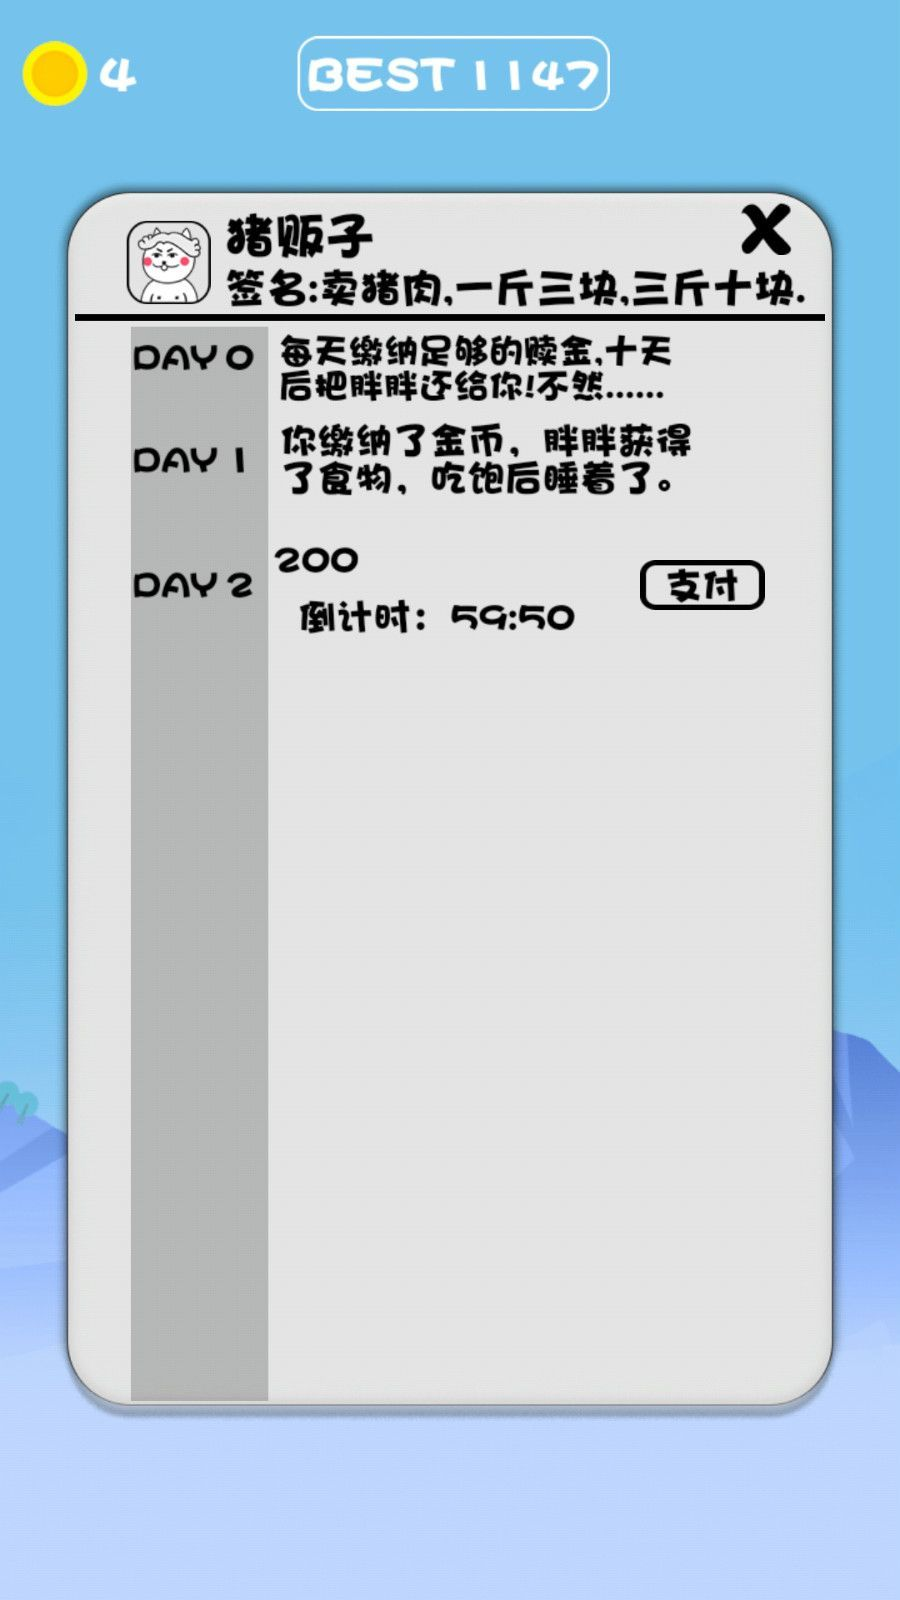 公猪上树之为了爱情游戏安卓版下载最新地址图片4